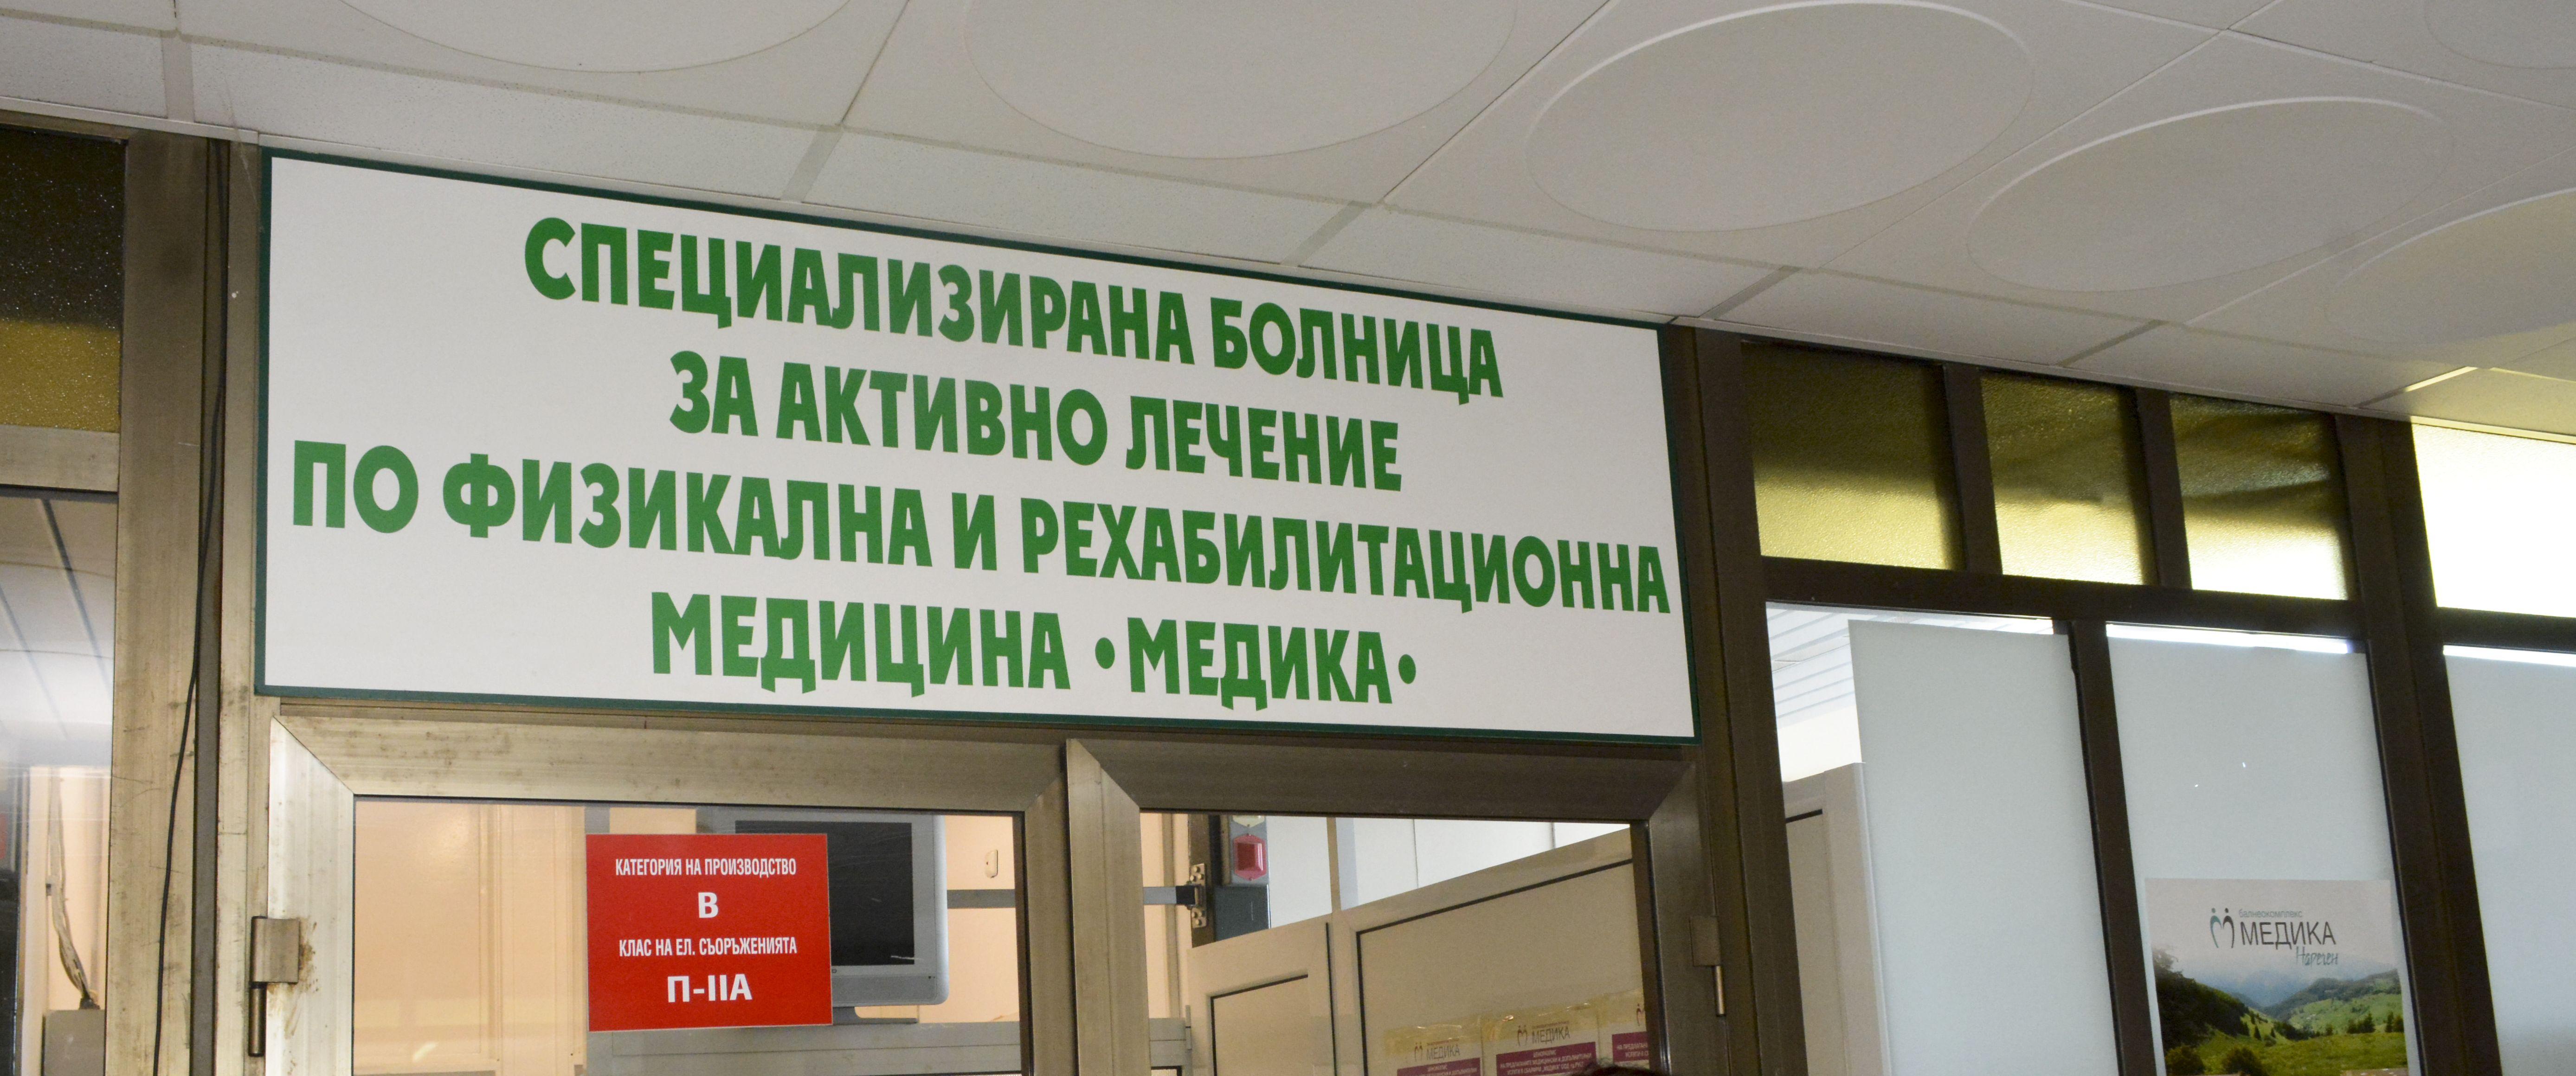 """19 066 пациенти са лекували сърцето си в русенската """"Медика кор"""""""